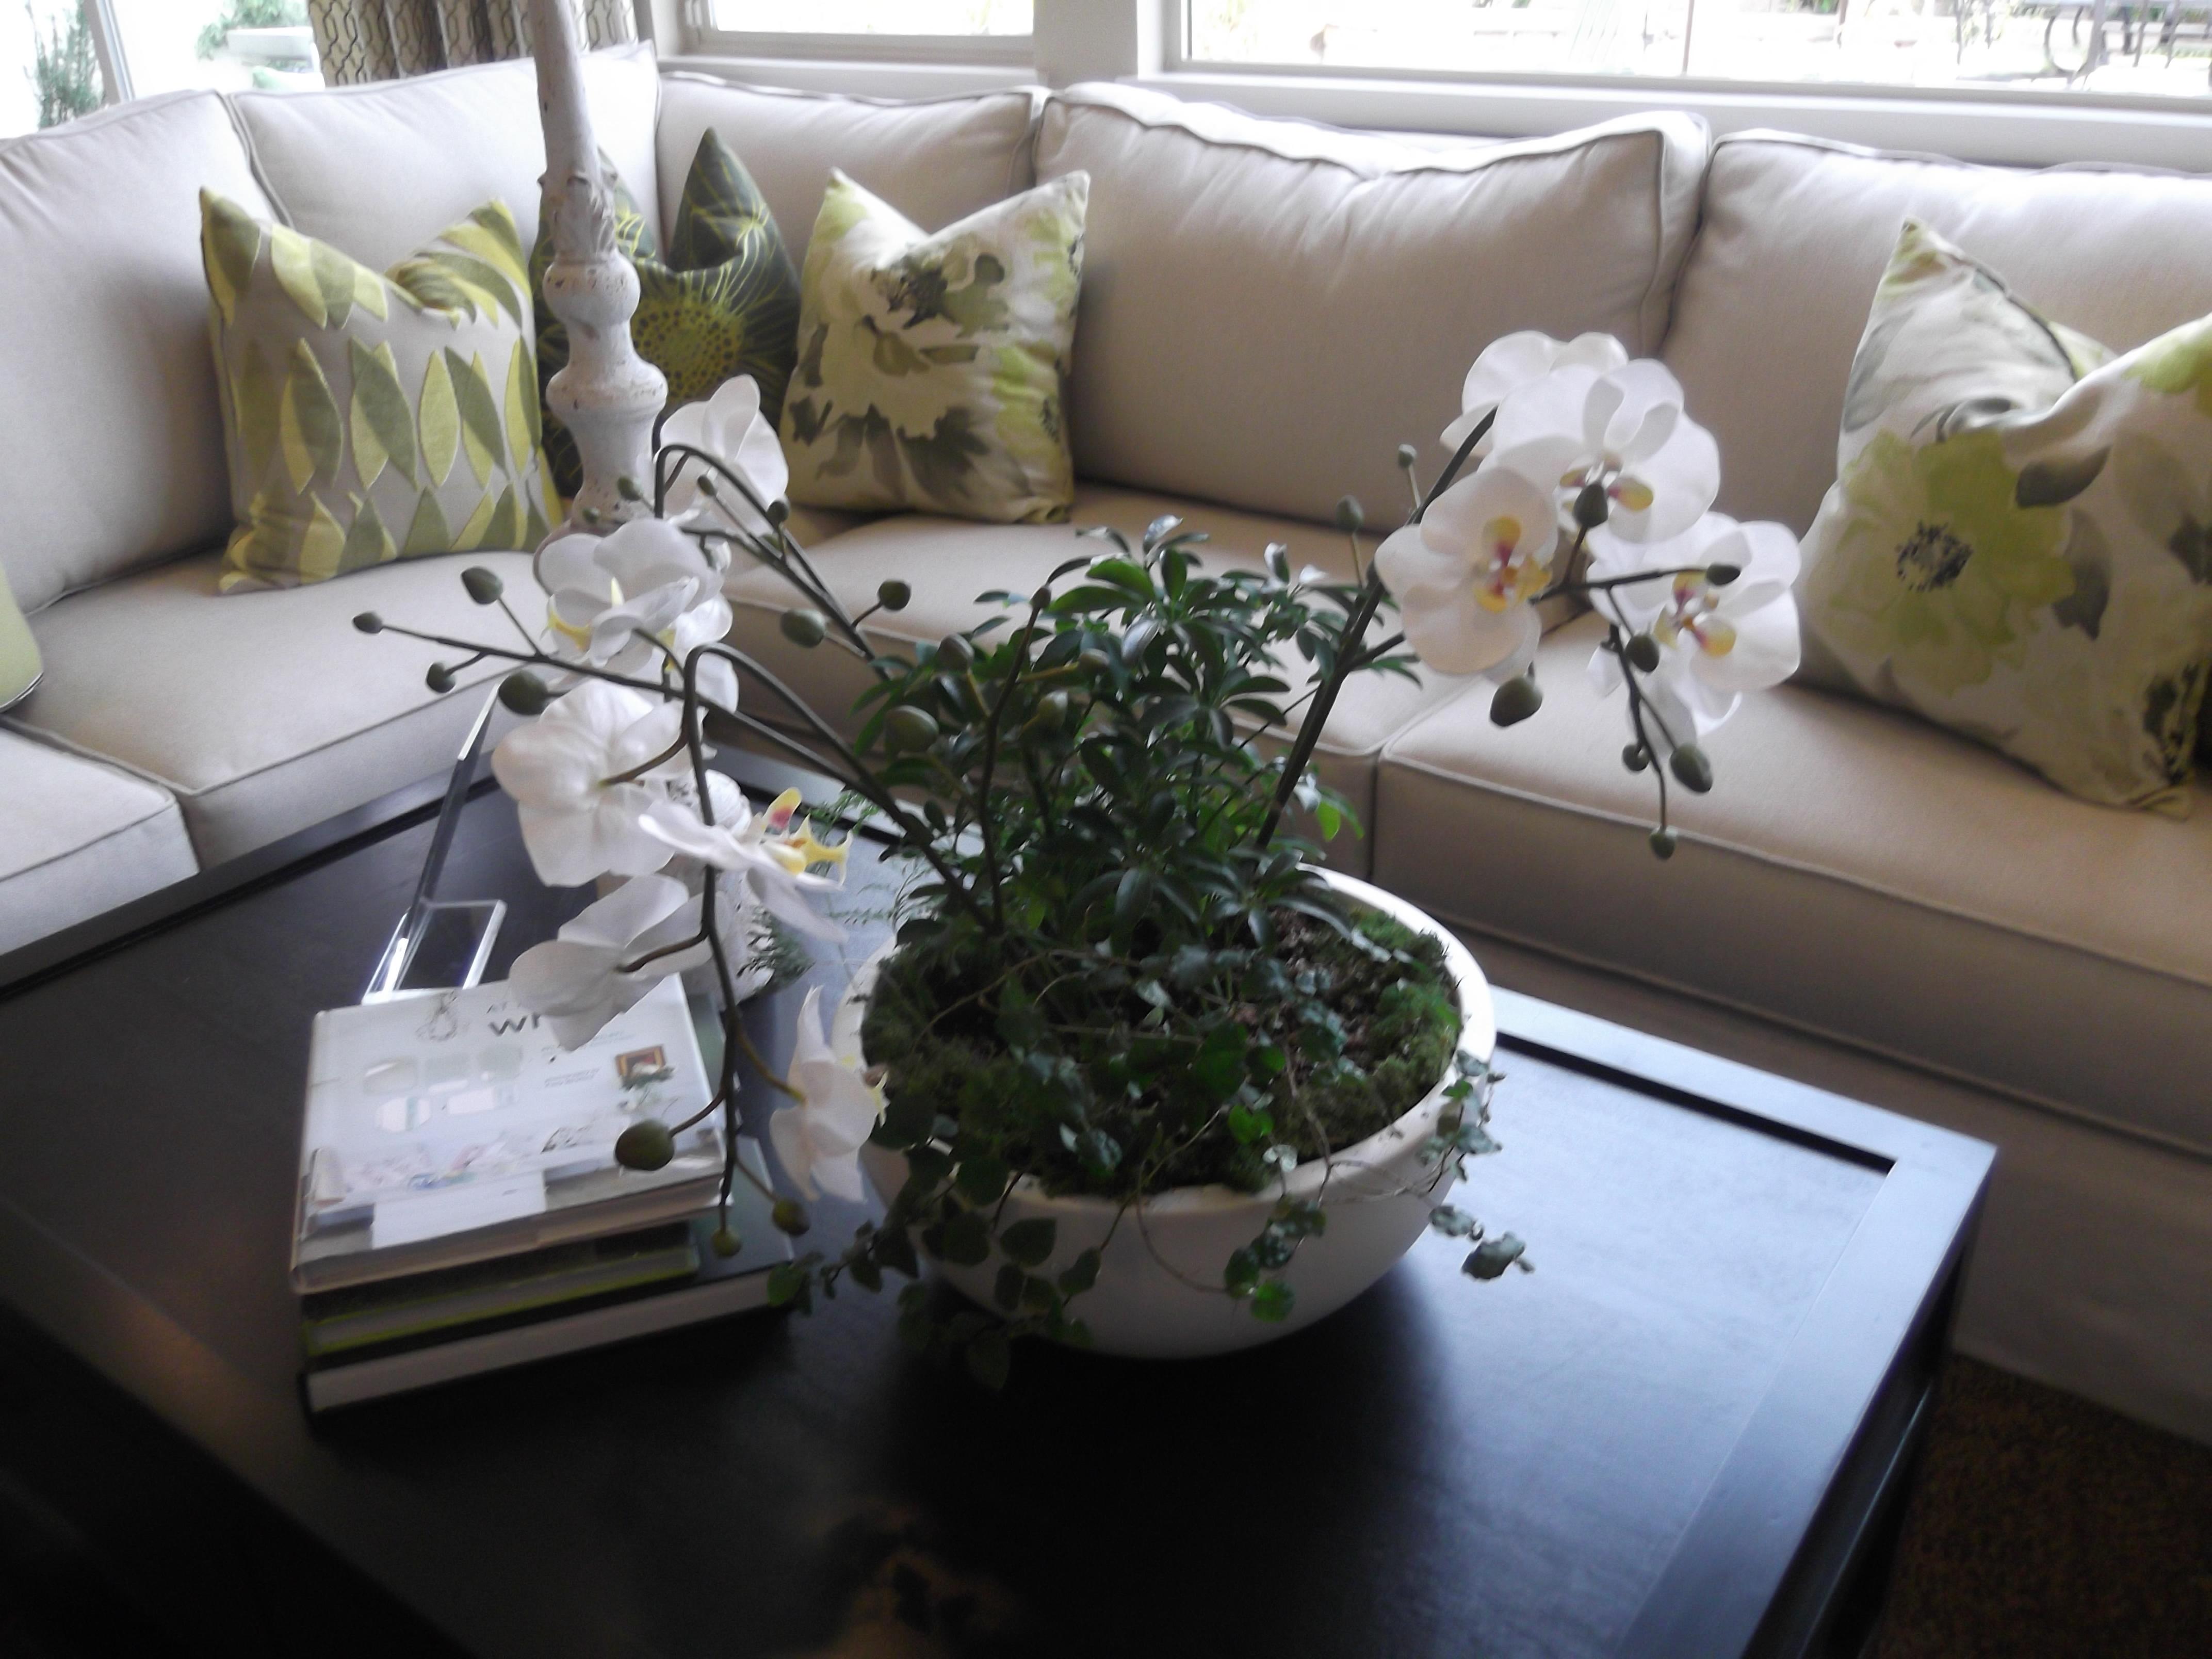 Dscf Jasmine Plants Indoors